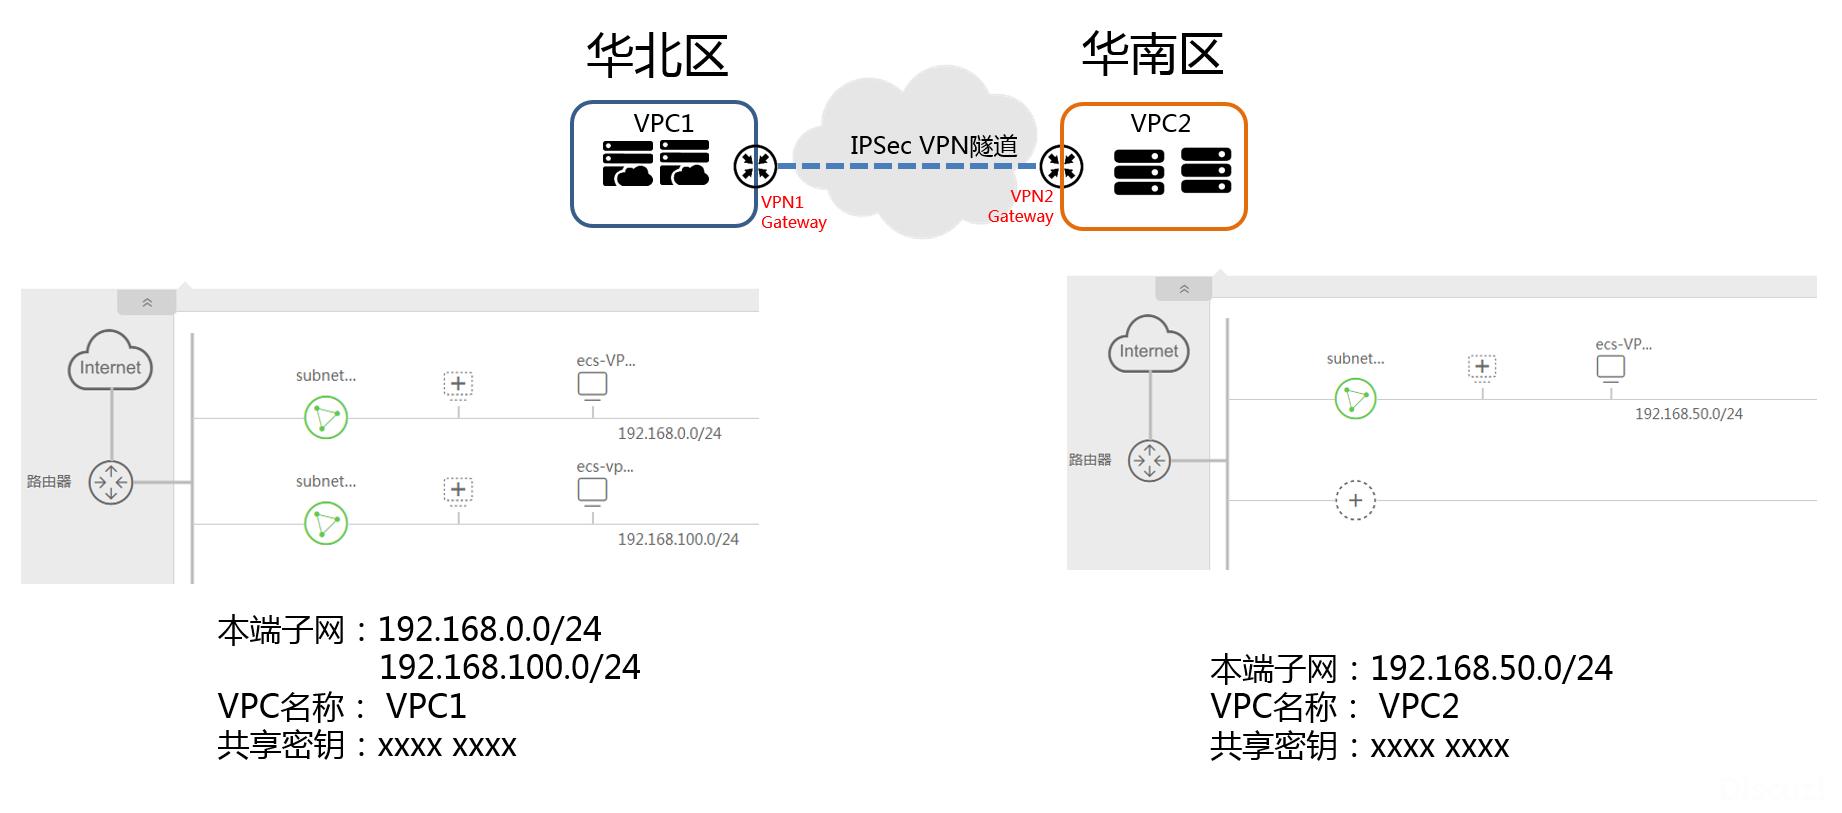 图2 网络信息规划示例.png